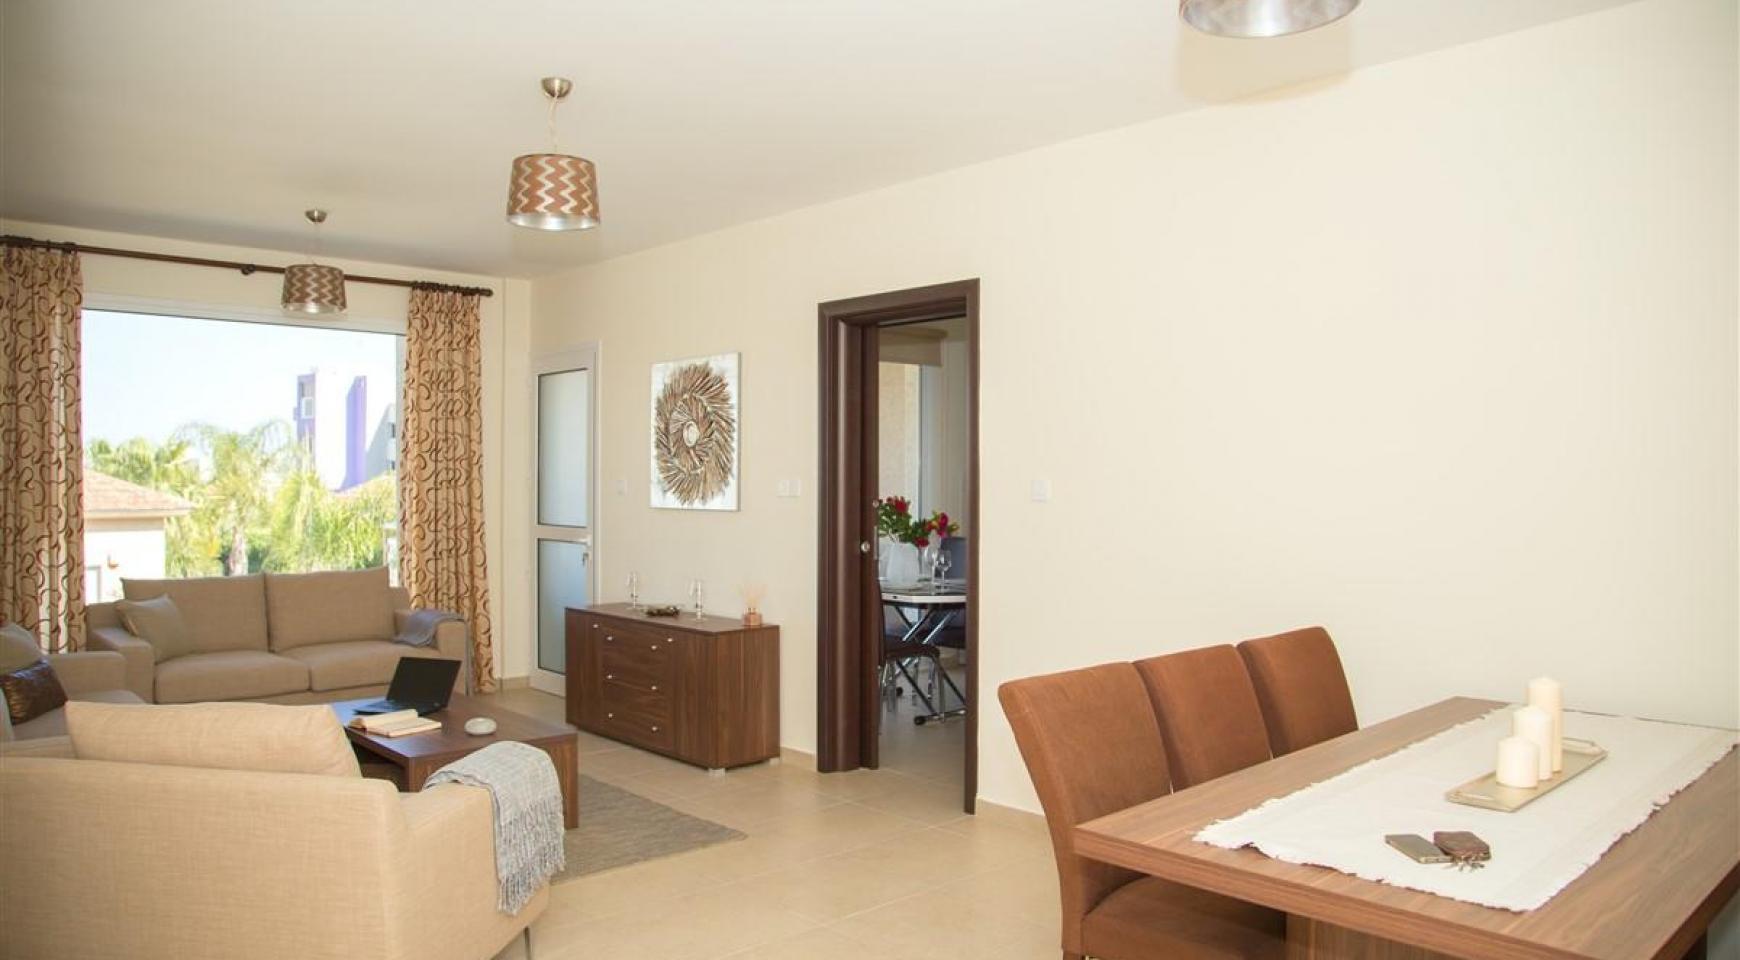 Μοντέρνο διαμέρισμα 2 υπνοδωματίων στην περιοχή Ποταμός Γερμασόγειας - 12